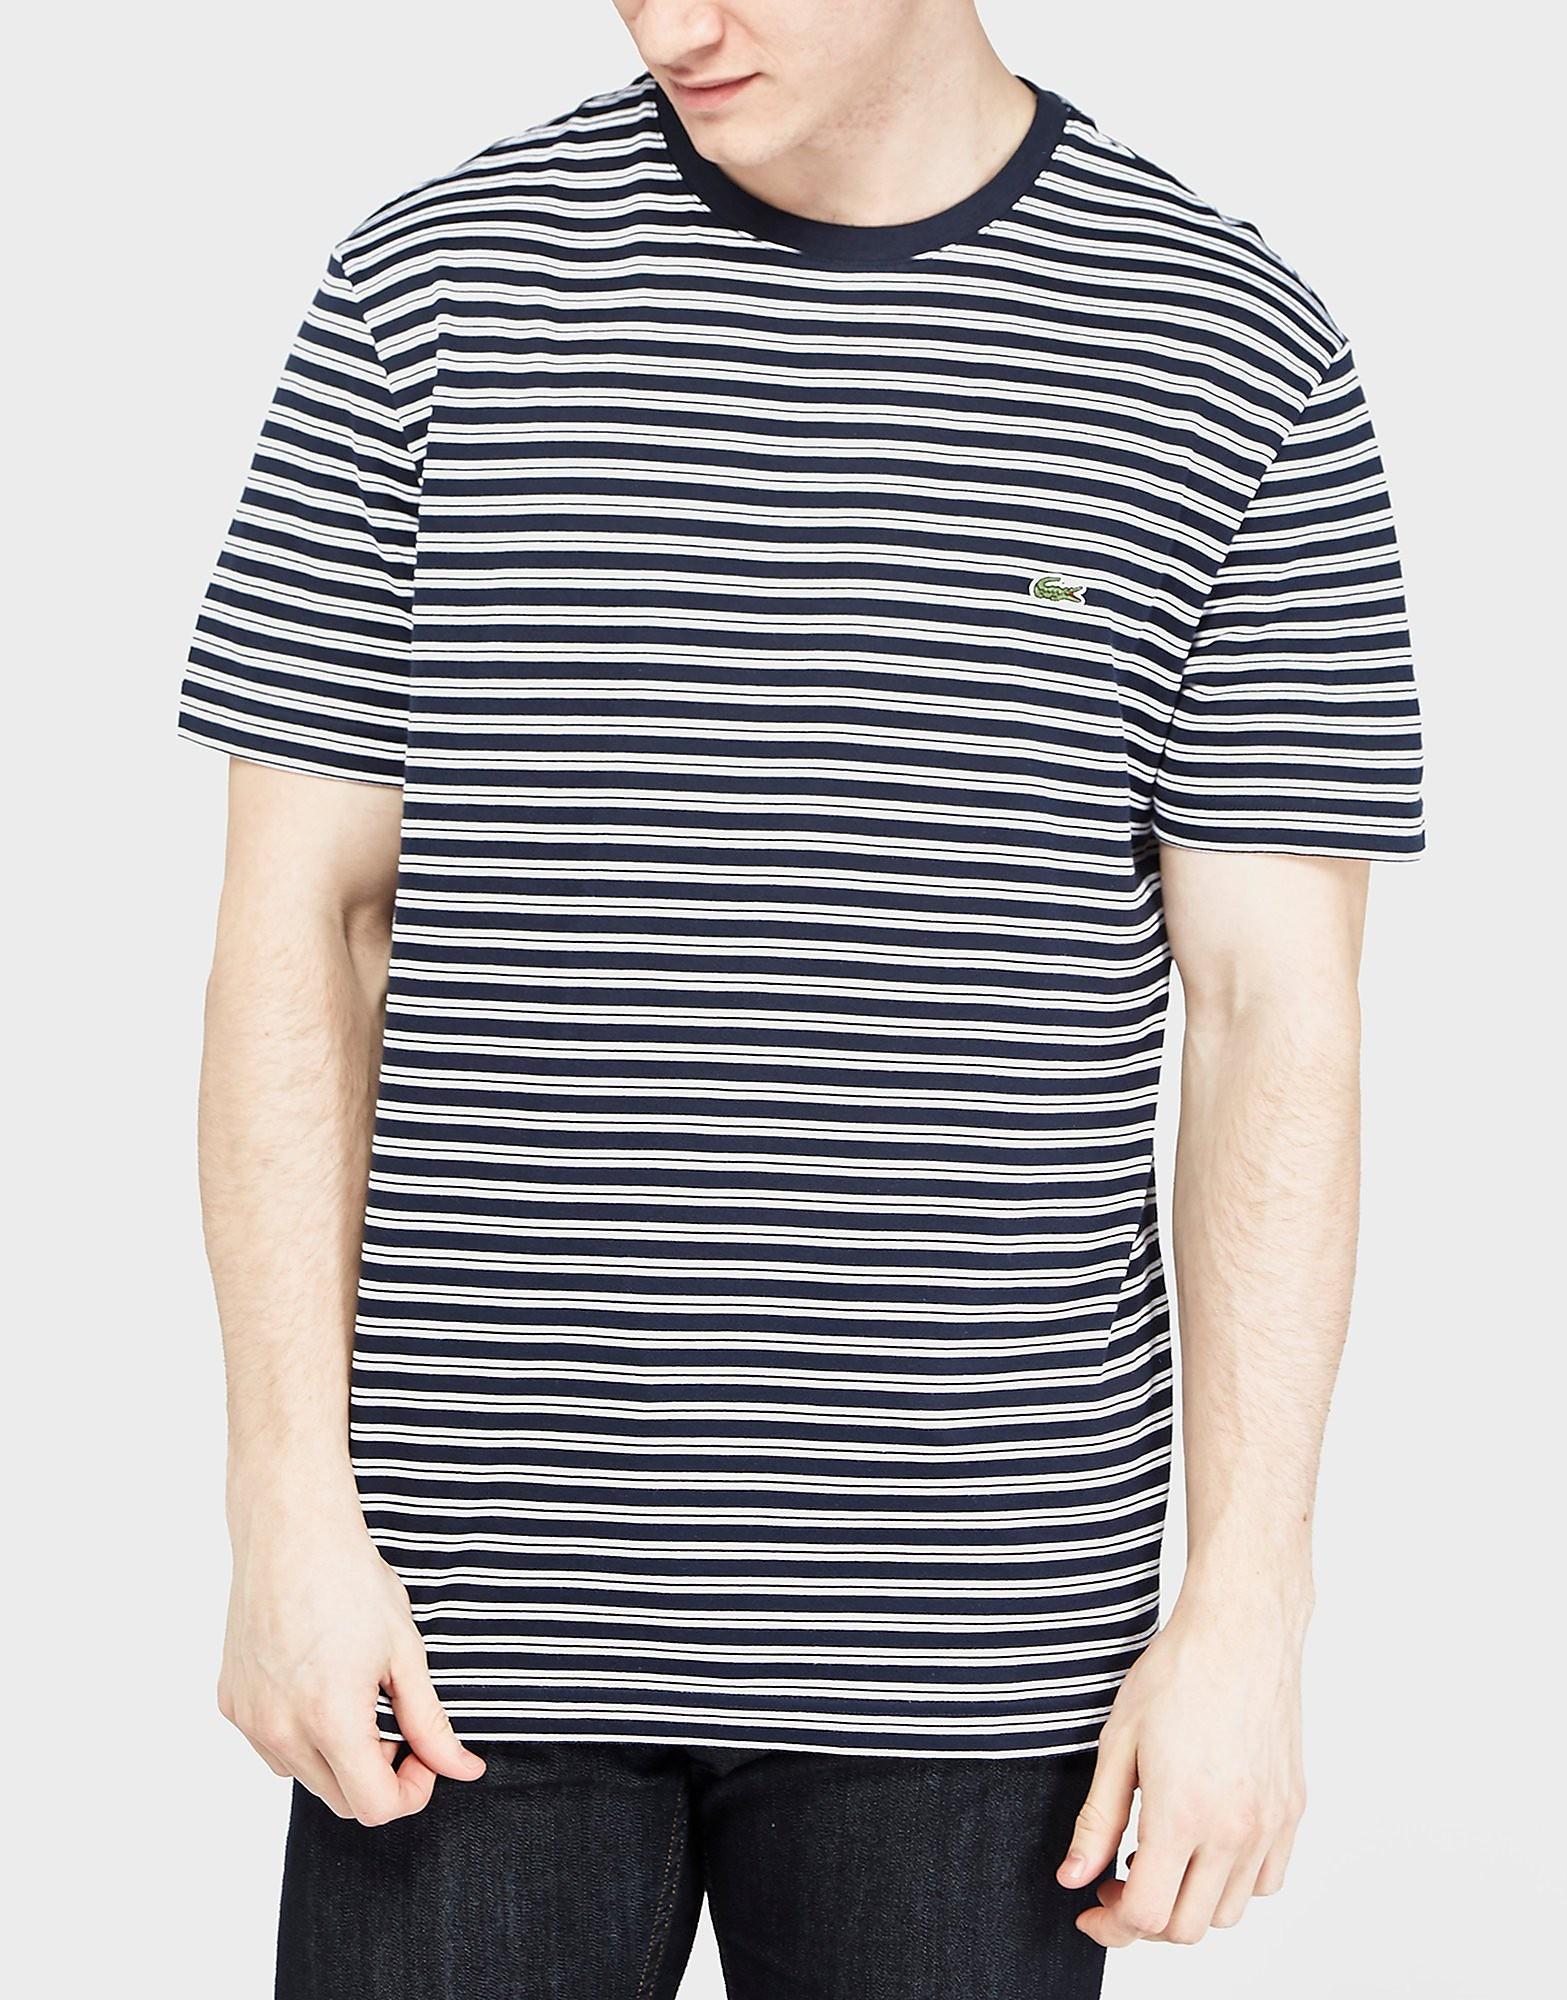 Lacoste Jersey Stripe T-Shirt